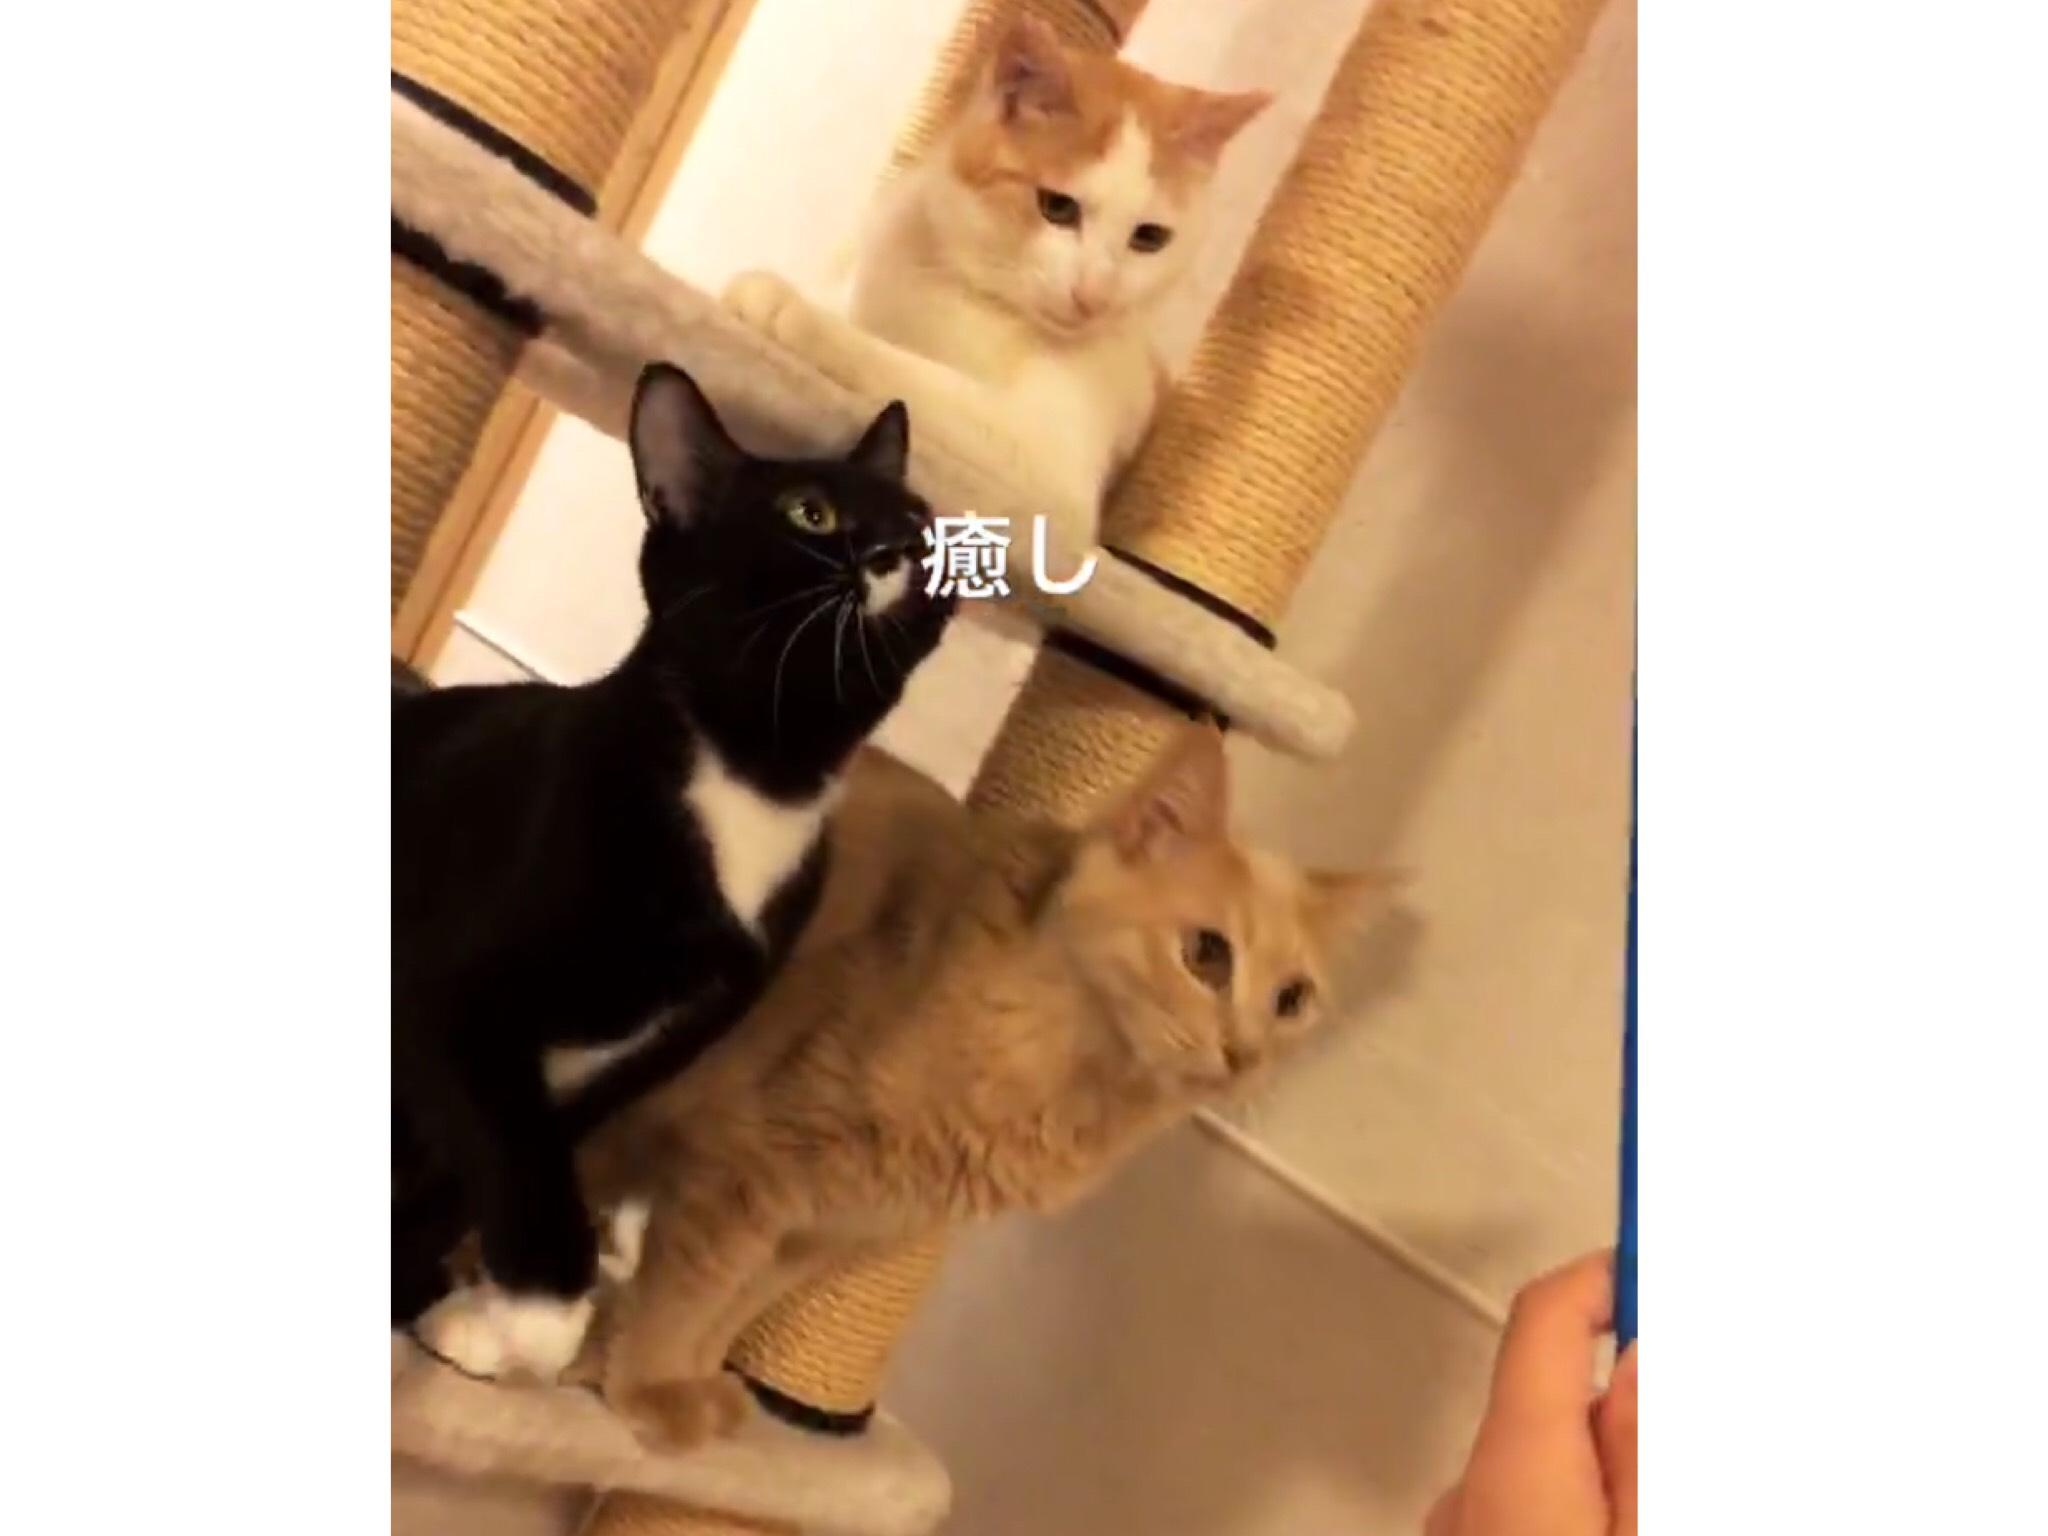 猫カフェきゃりこ吉祥寺店のねこの画像3